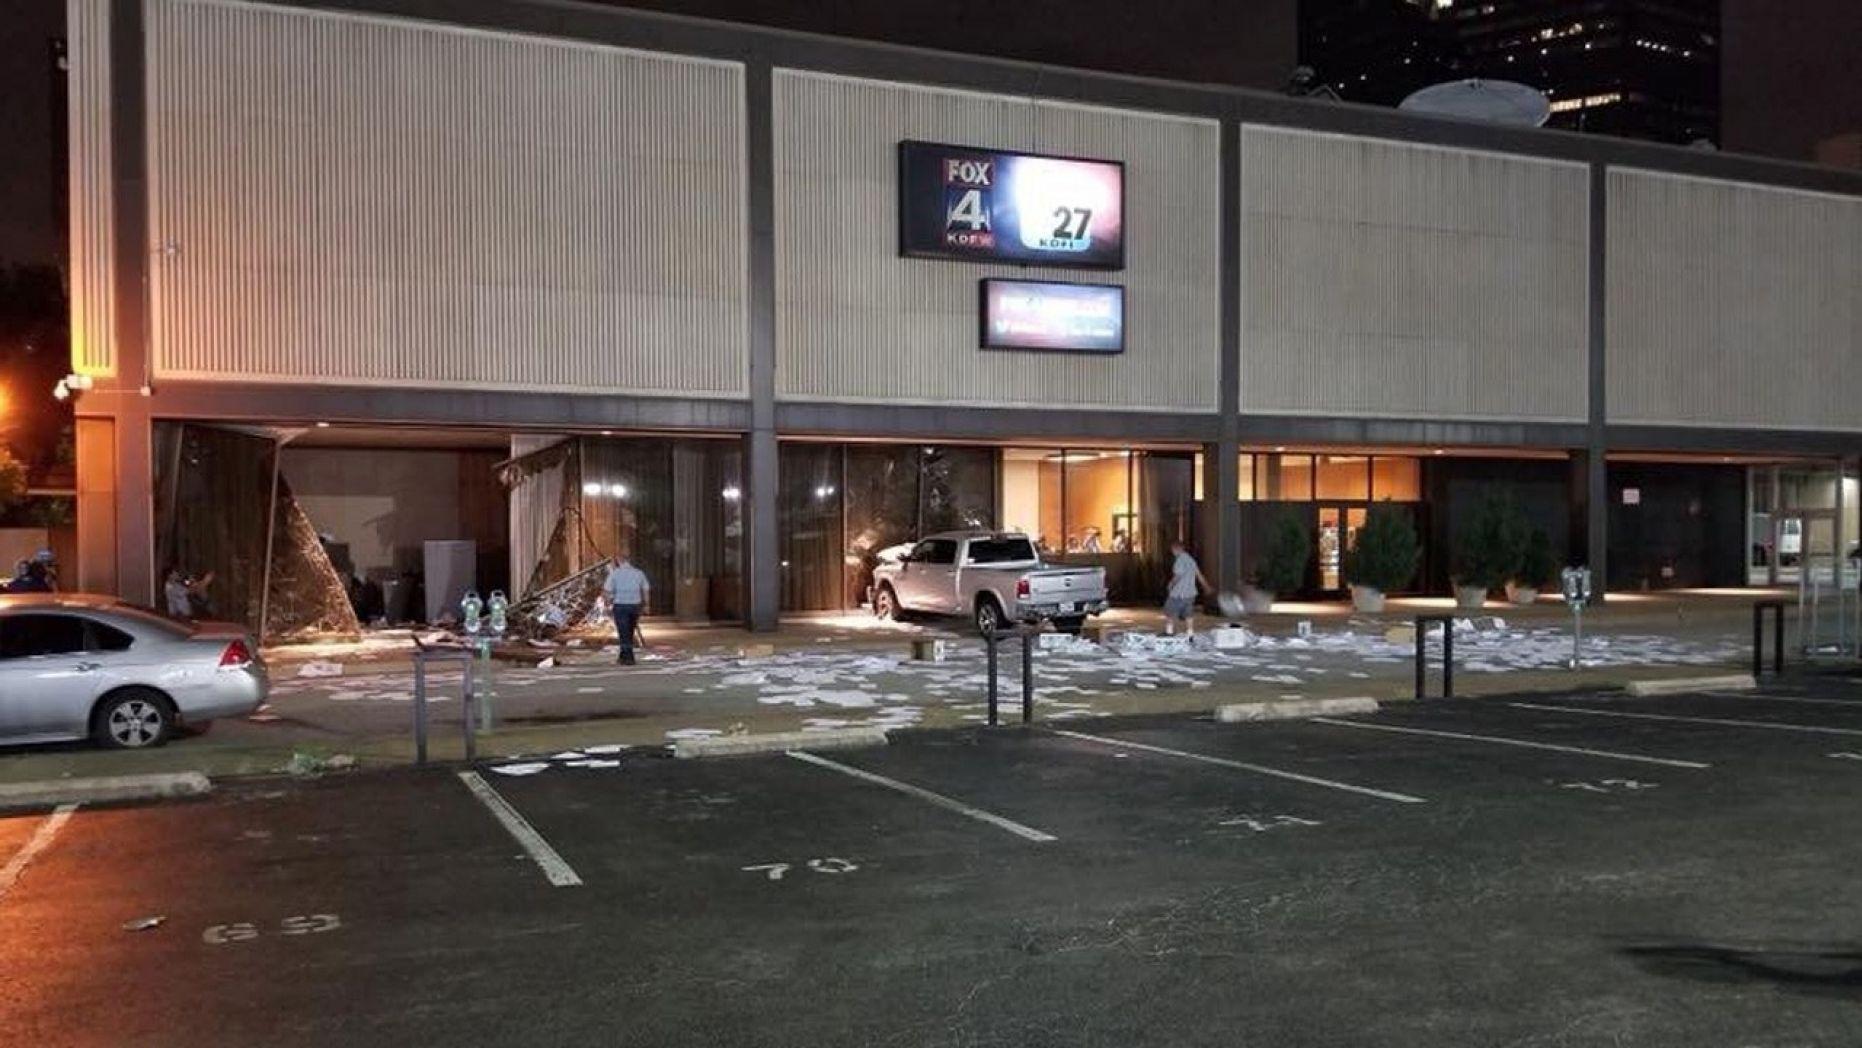 Un șofer a intrat cu camioneta în clădirea stației locale Fox News, în Dallas. FOTO